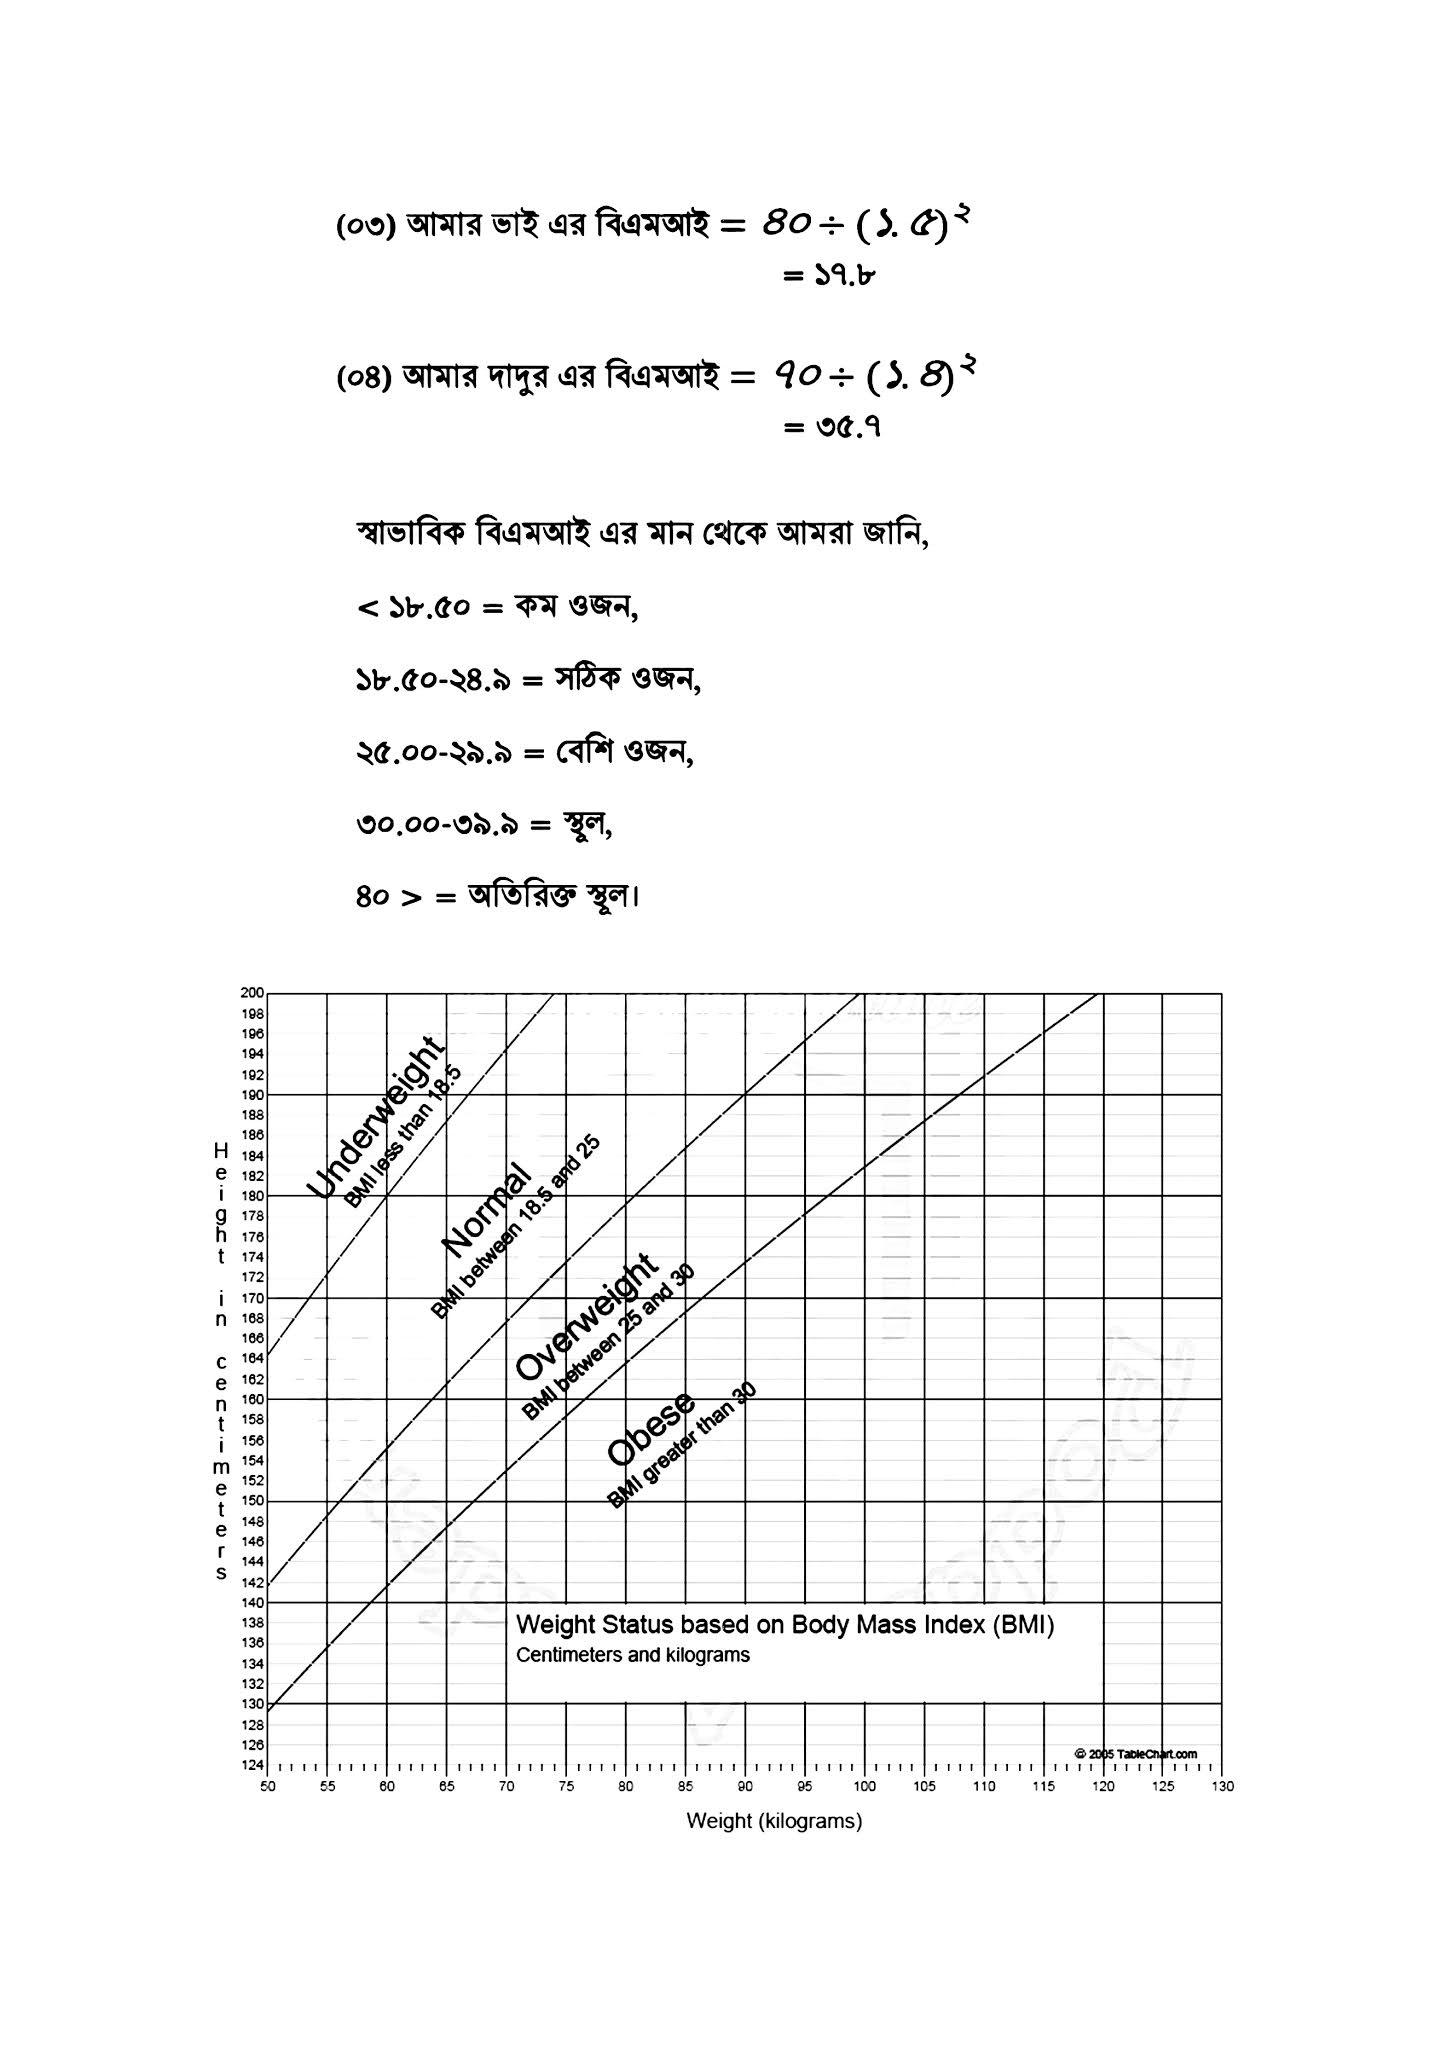 এসএসসি বিজ্ঞান এসাইনমেন্ট সমাধান ২০২১ (২য় সপ্তাহ)